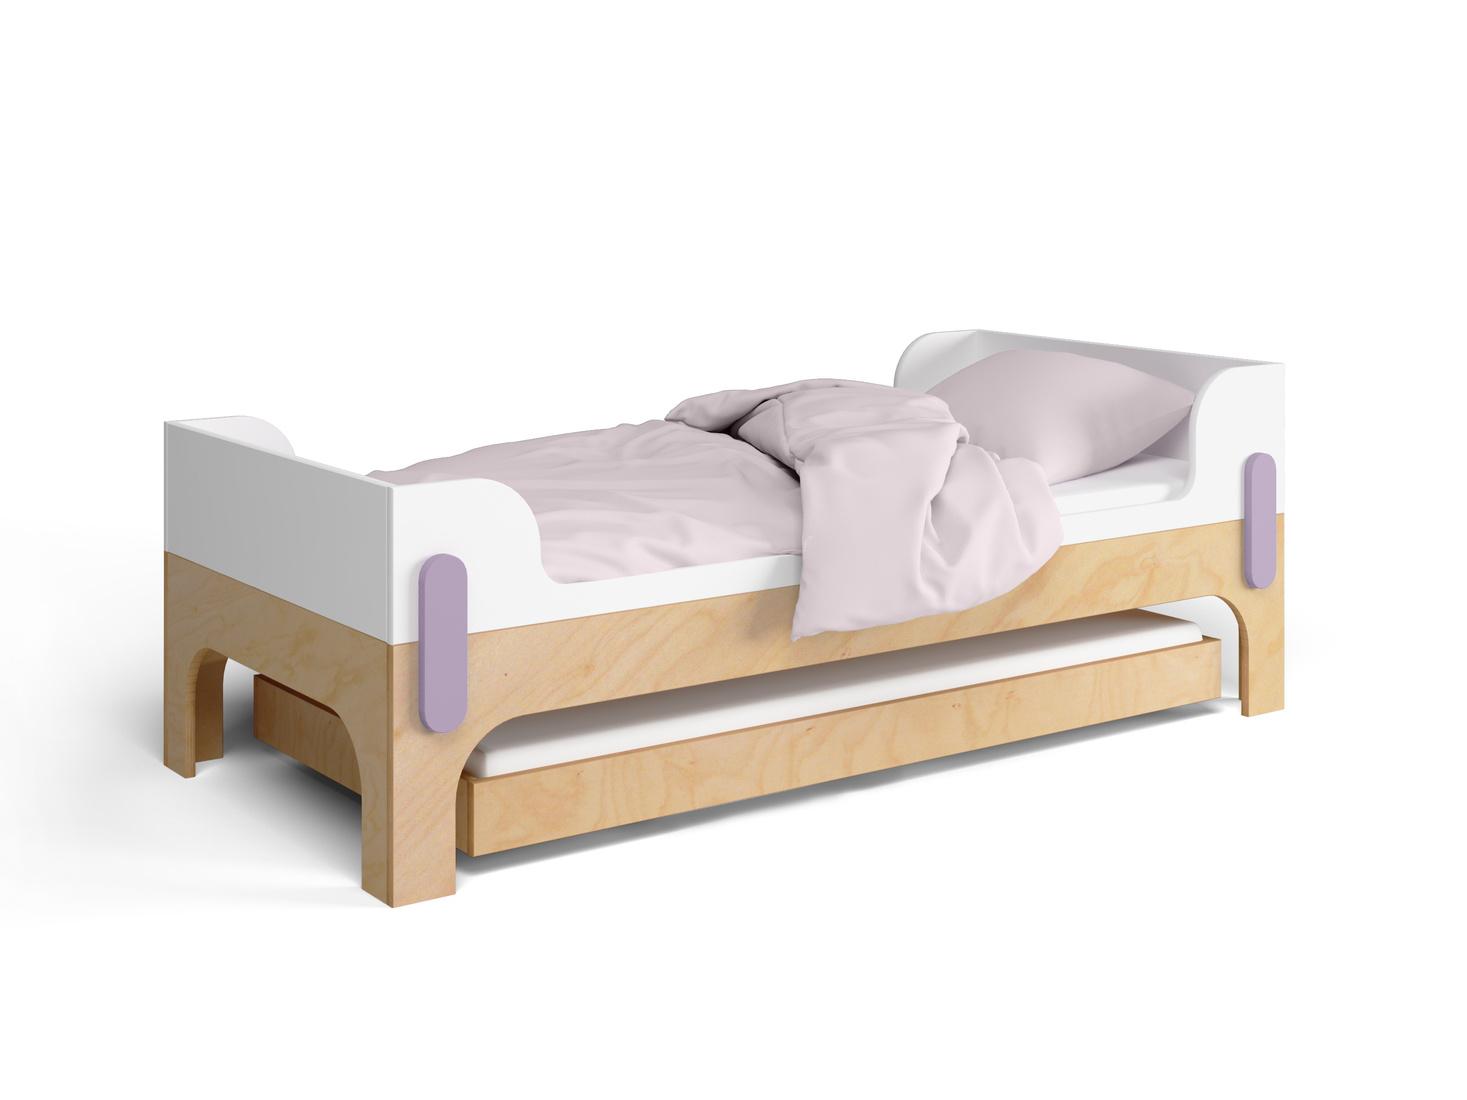 Русский дизайн: новая коллекция мебели PlayPly (галерея 7, фото 3)